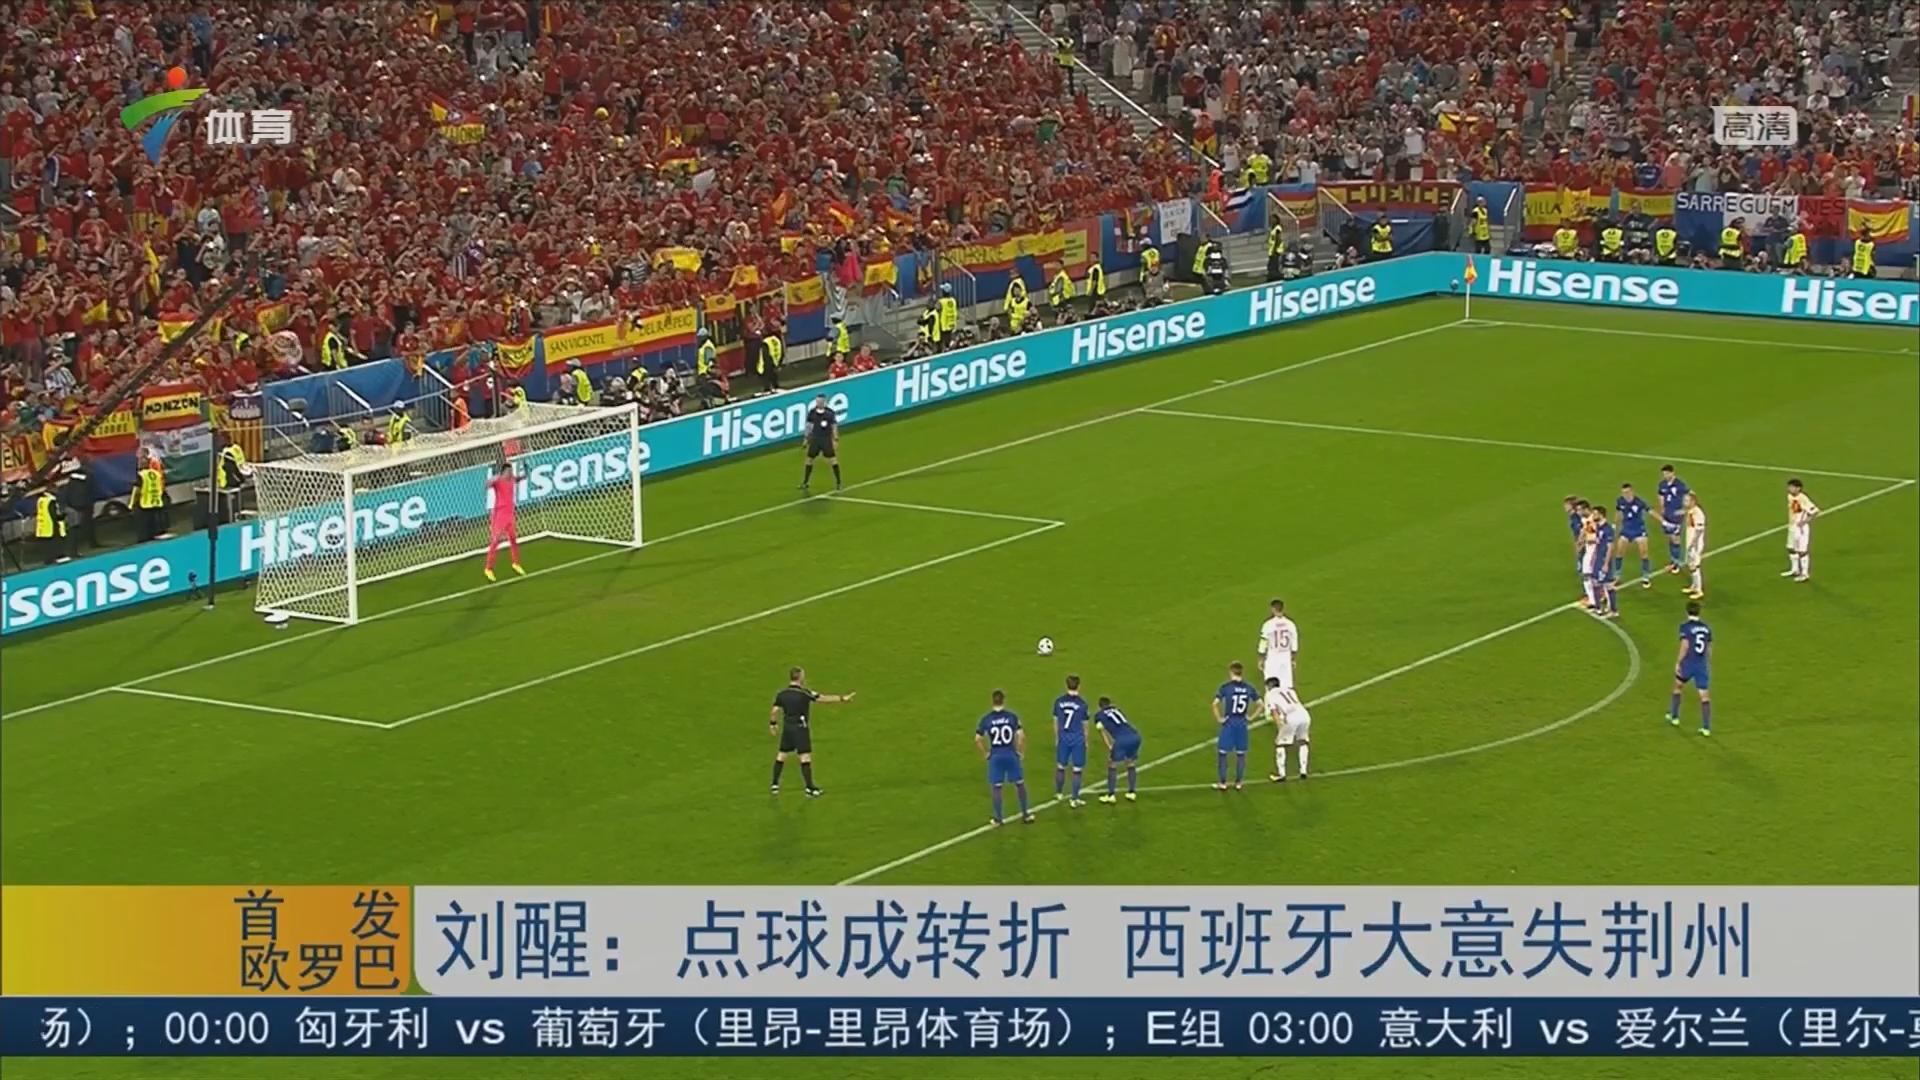 欧洲杯 评述观点:视野大局观出色 德国理应获胜